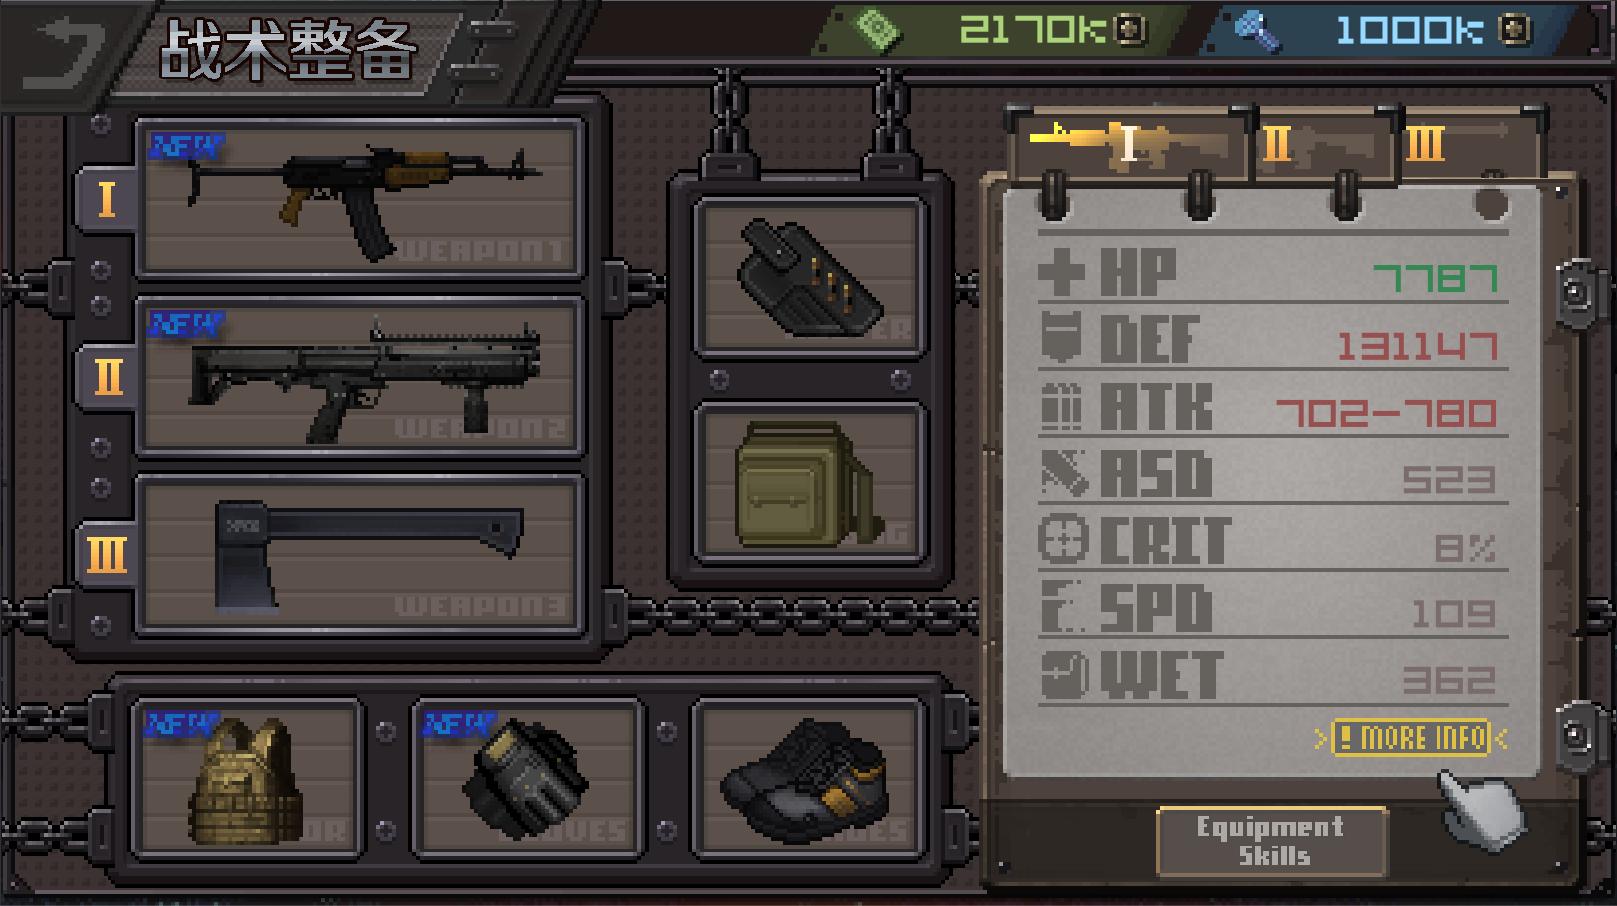 BigDay ss 0012 Equipment